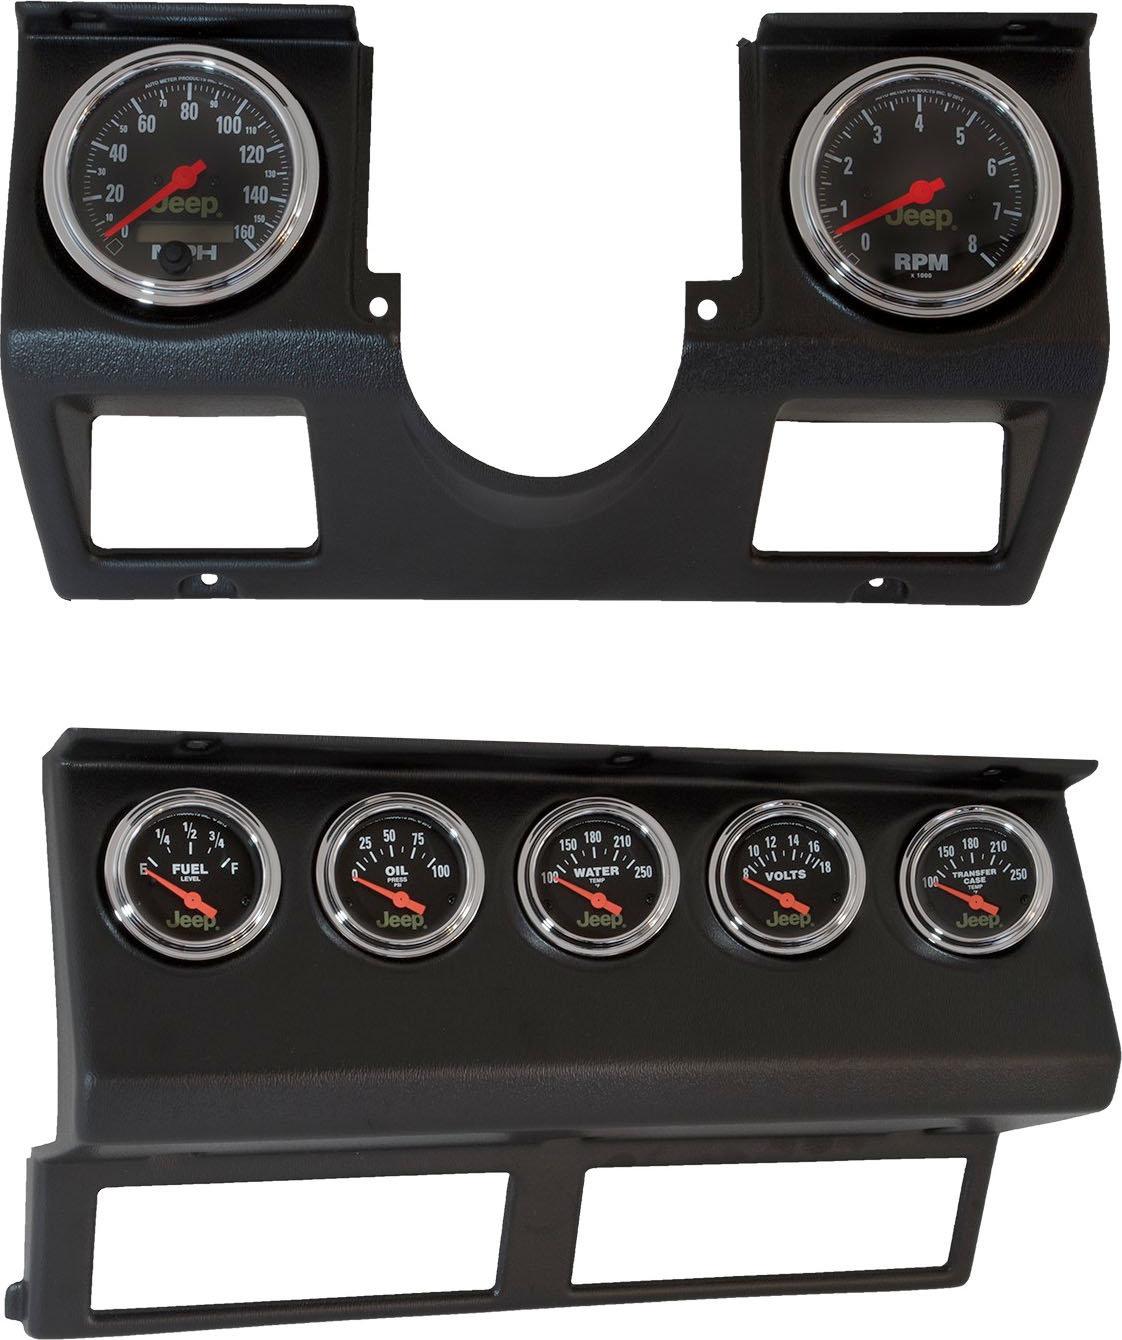 Auto Meter Gauge Wiring Harness